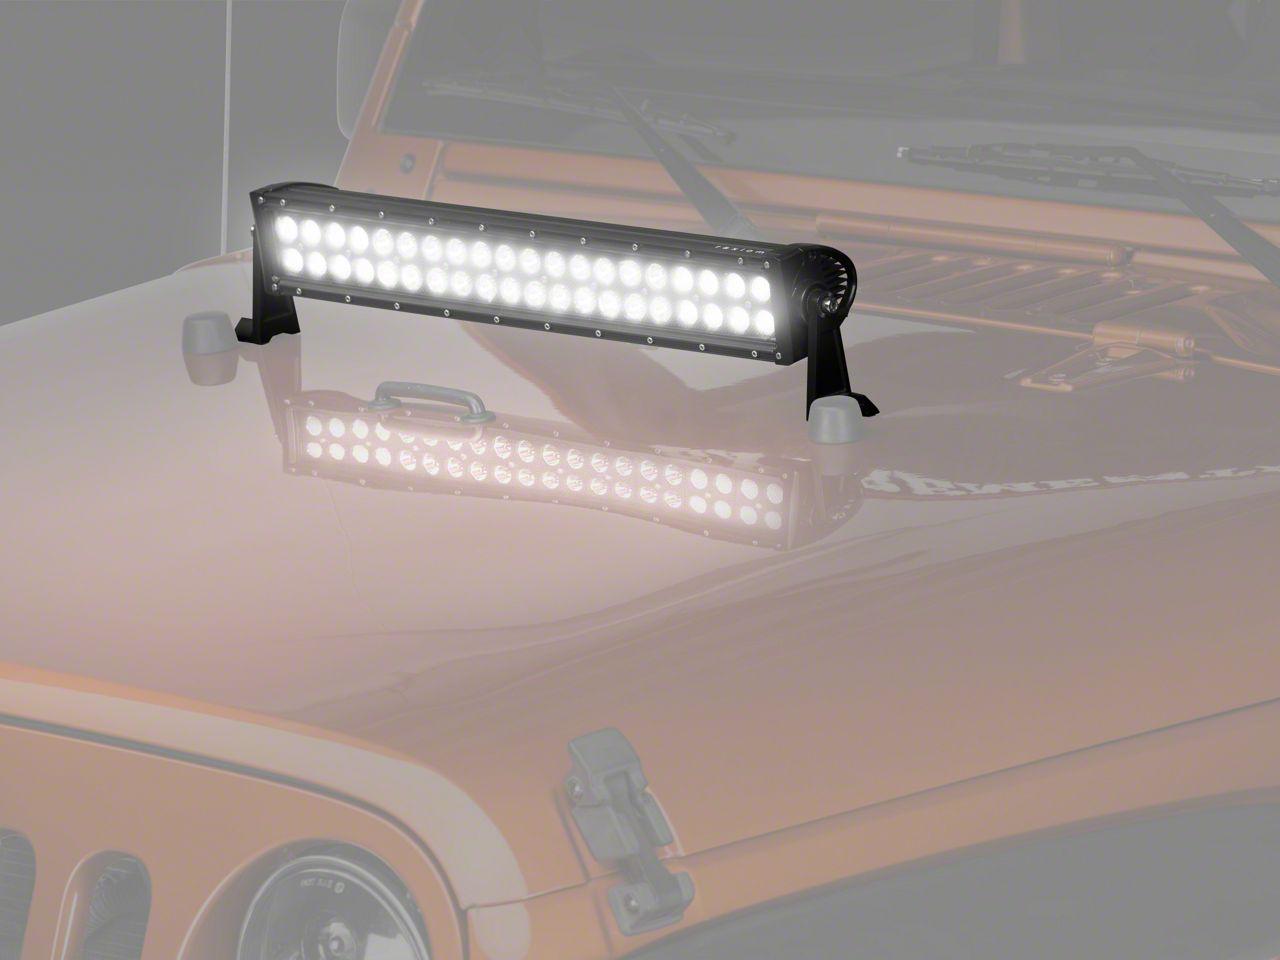 Raxiom 20 in. Dual Row LED Light Bar - Flood/Spot Combo